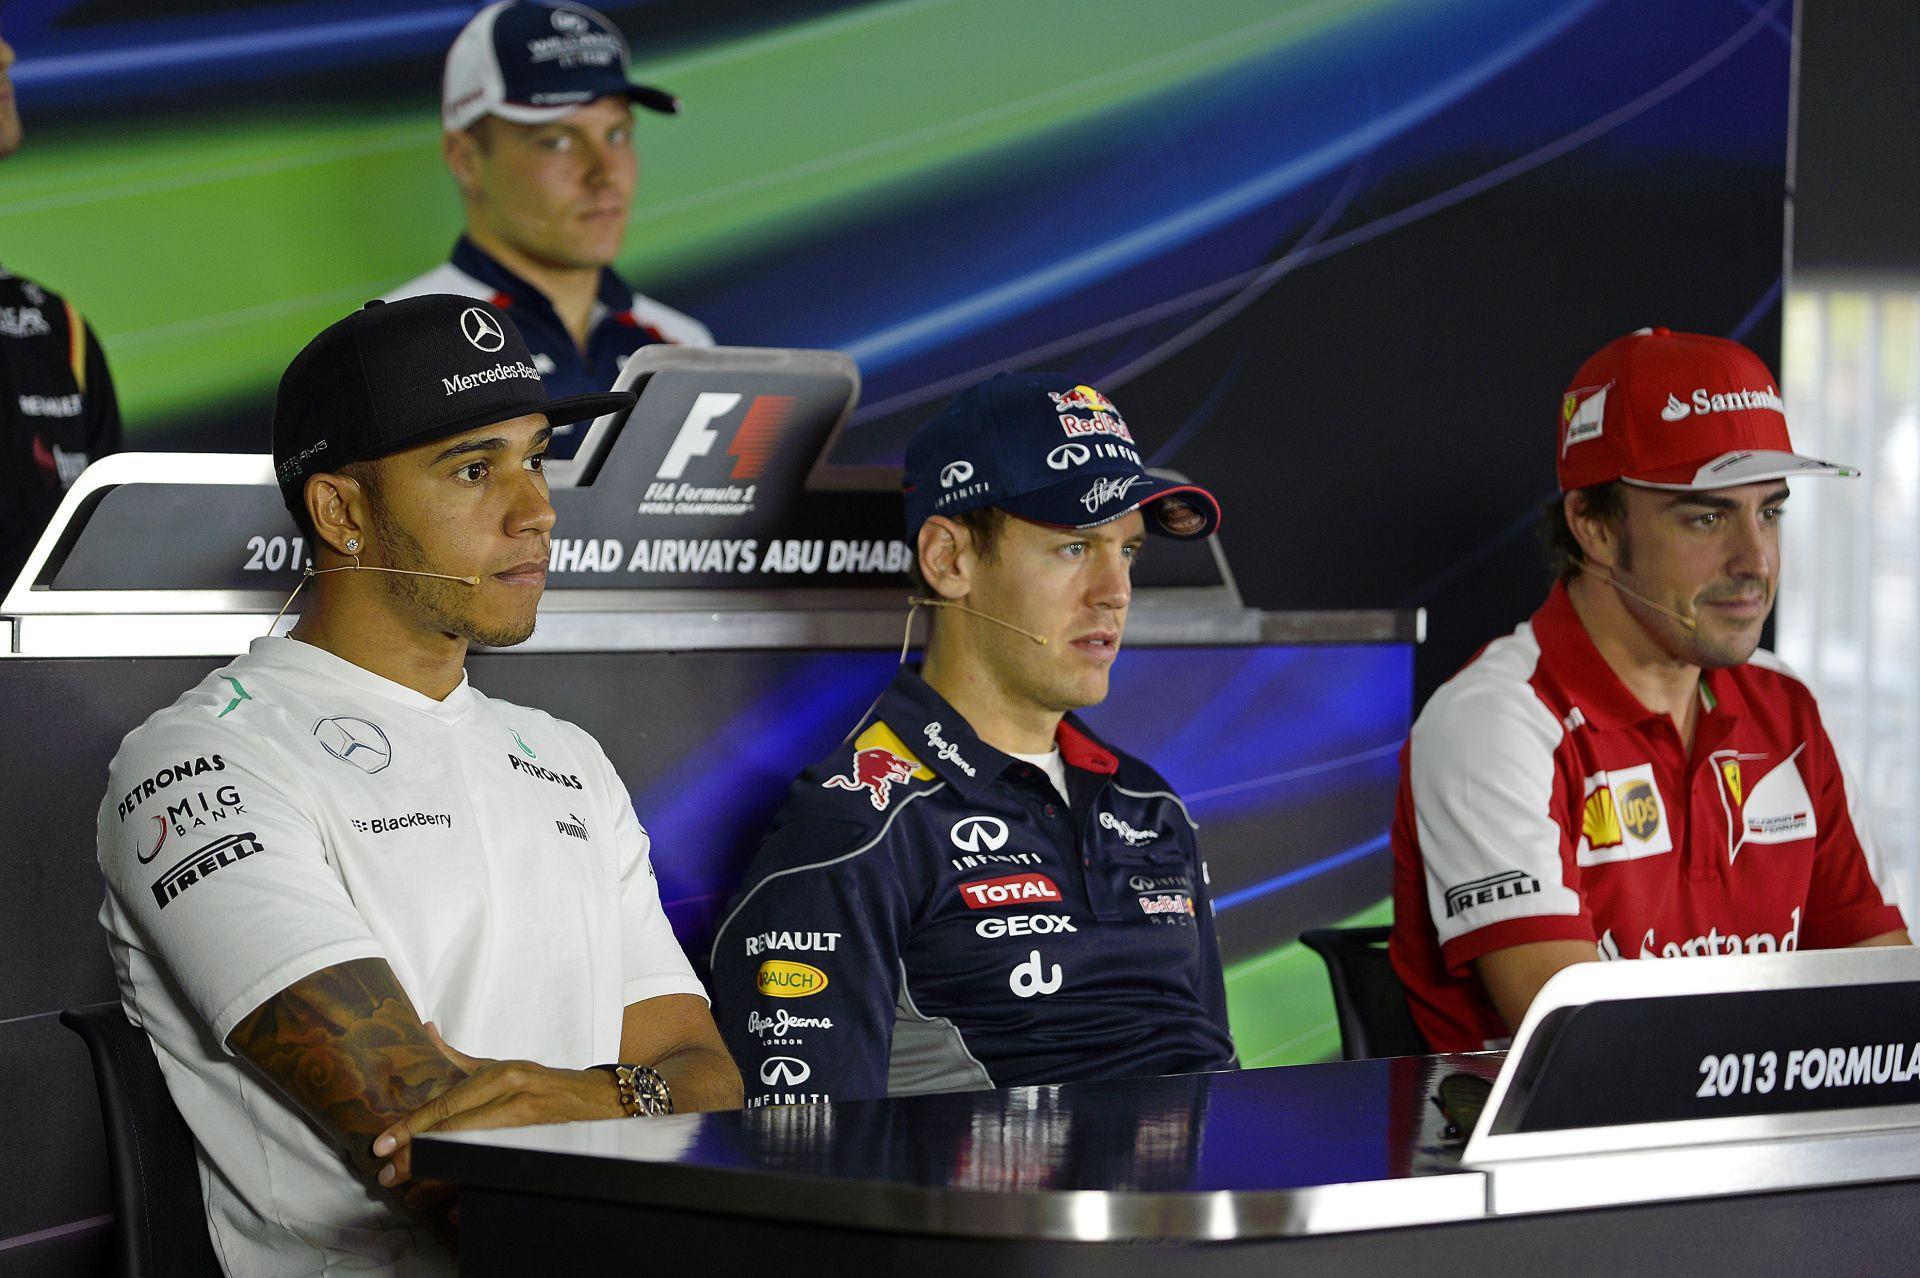 Levezető kör: Mindig van kifogás arra, ha Vettel jól teljesít! Alonso és Hamilton a legjobb!